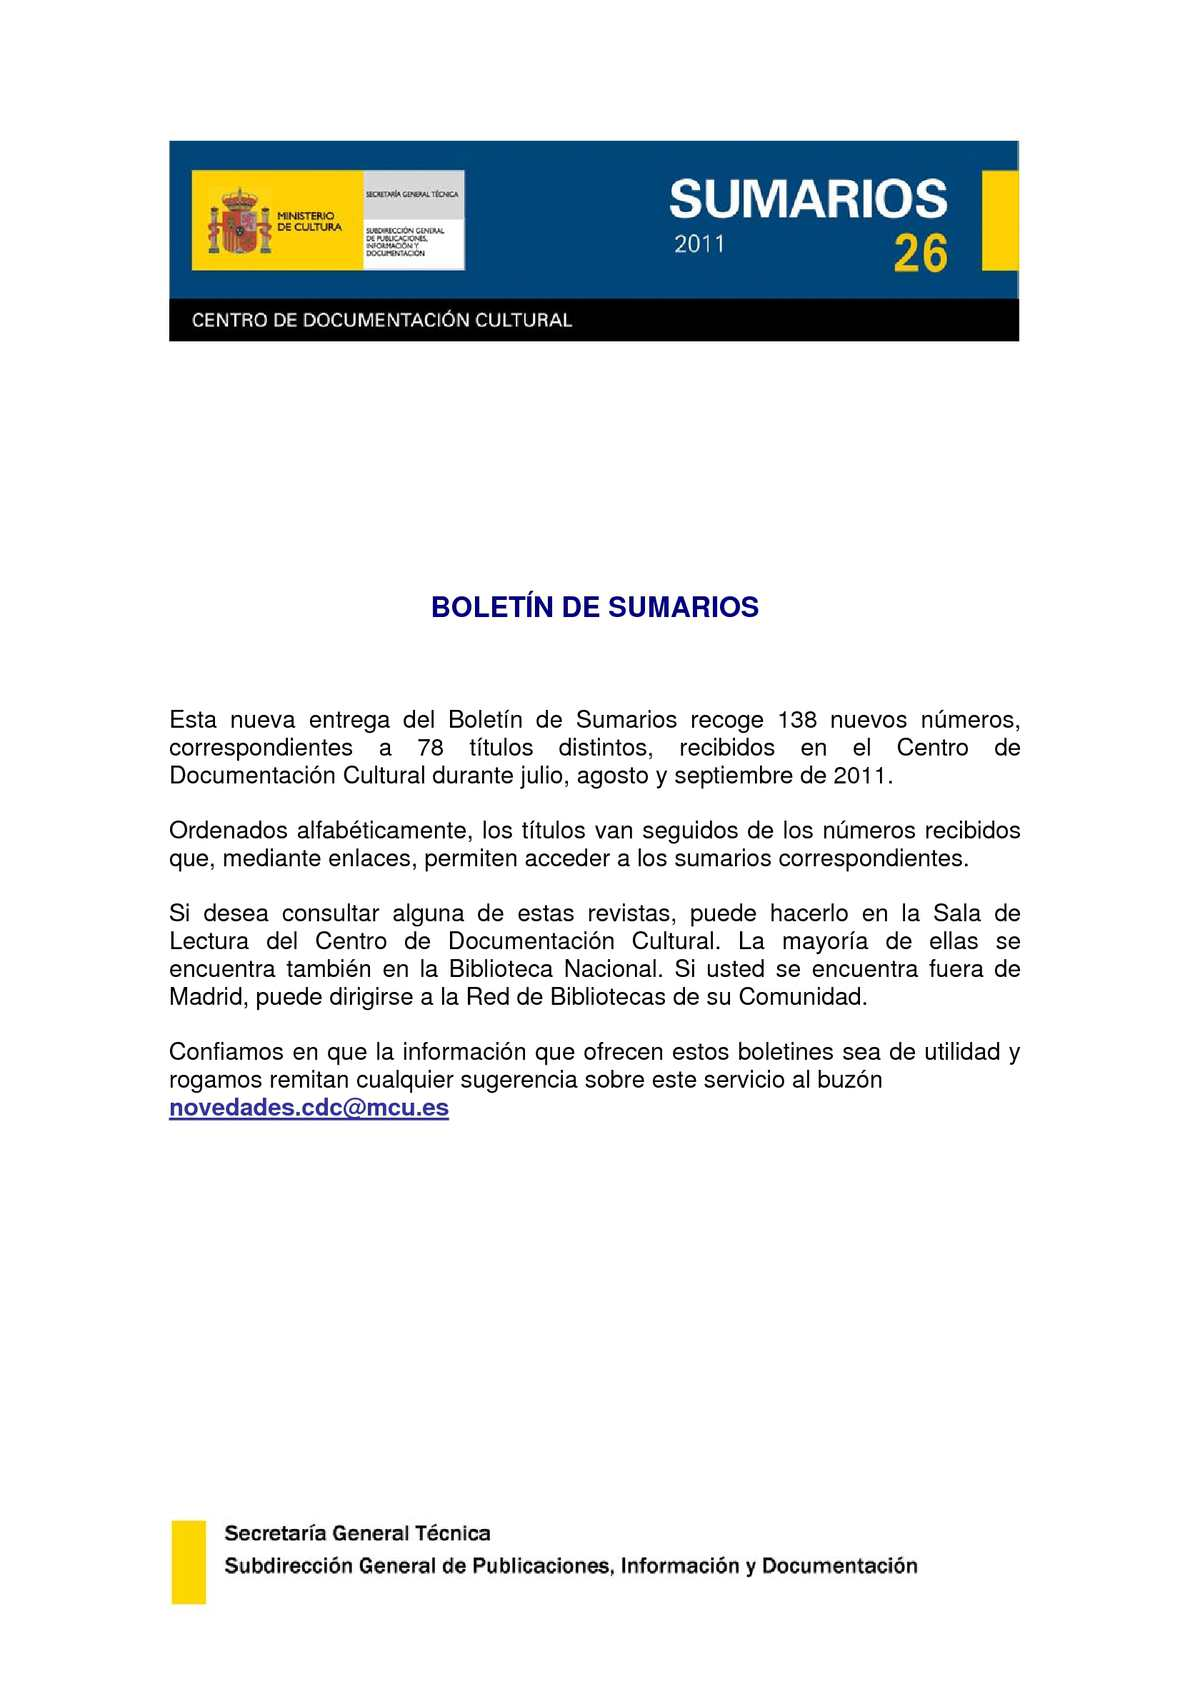 Calaméo - Boletín de Sumarios nº 26 del Centro de Documentación Cultural